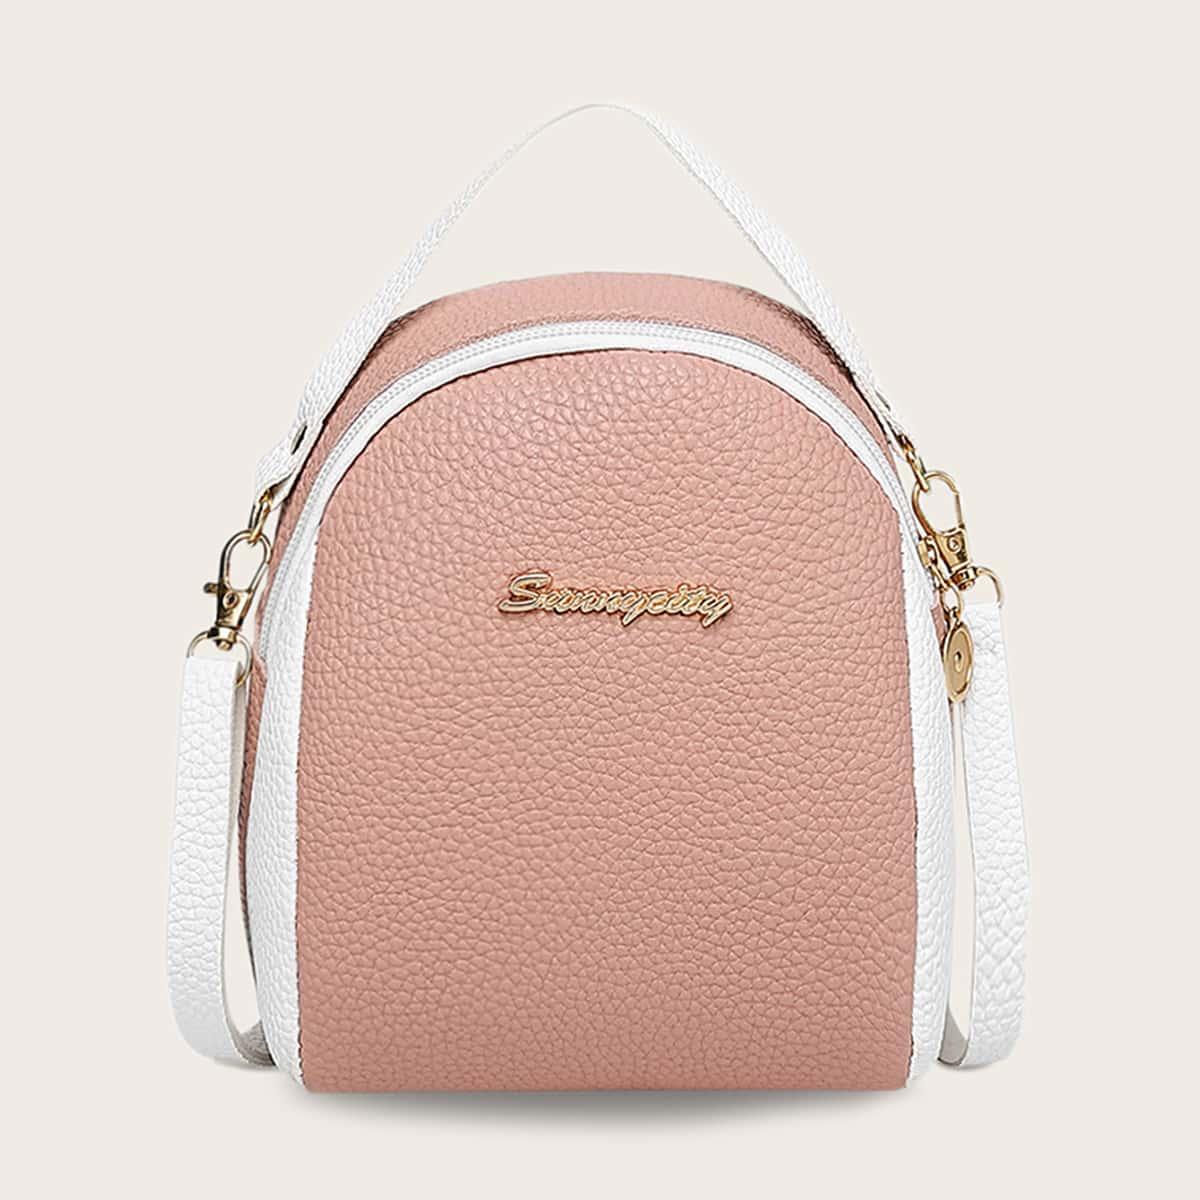 Satchel-tas met metalen detail voor meisjes